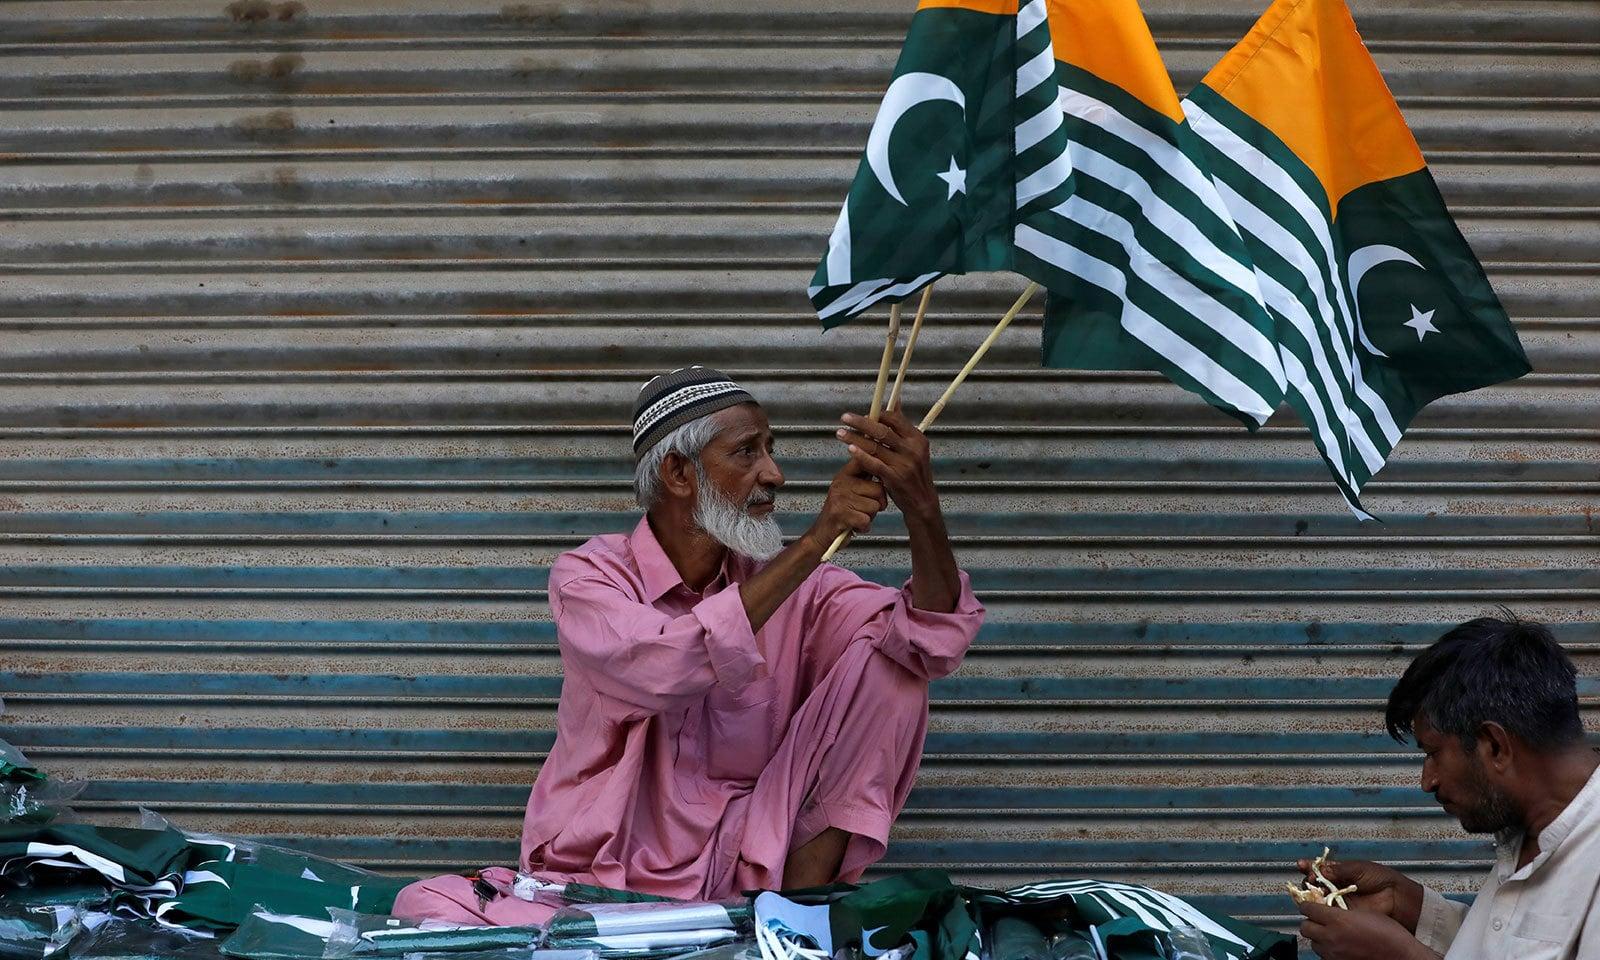 حکومت پاکستان نے یوم آزادی کو یوم یک جہتی کشمیر کے طور پر منانے کا اعلان کیا ہے—فوٹو:رائٹرز